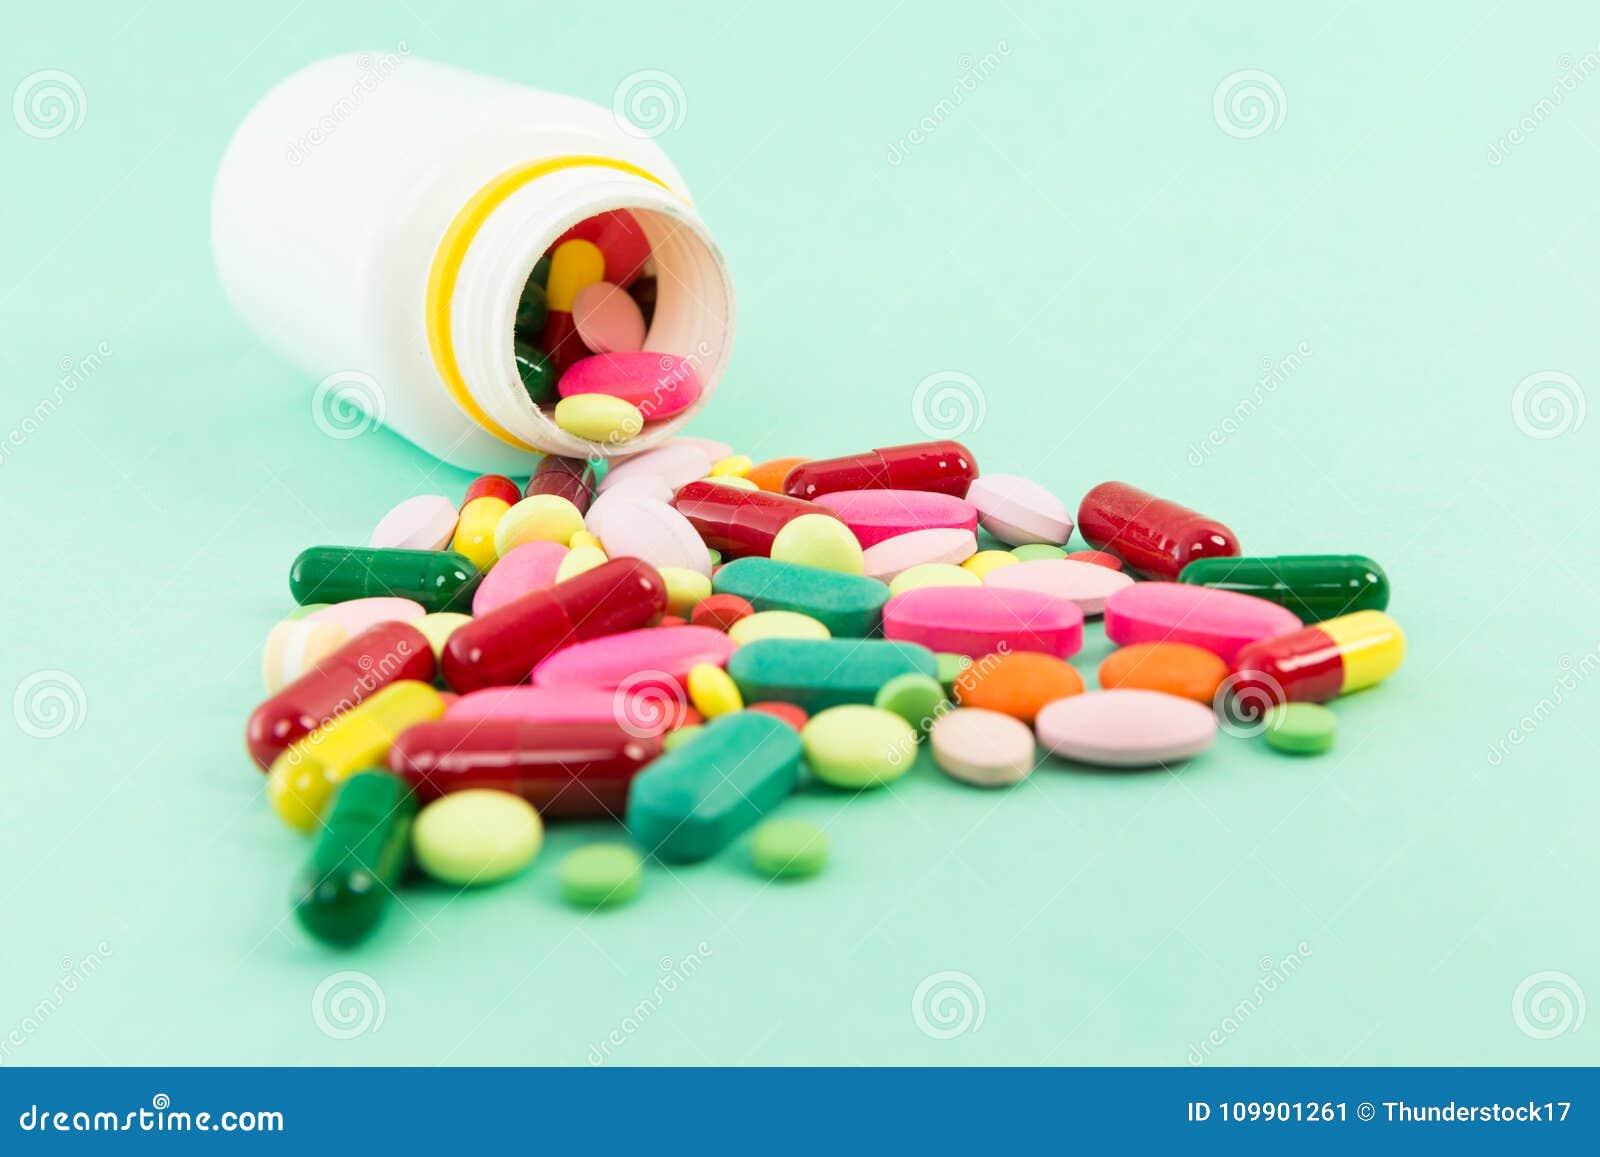 Píldoras o tabletas derramadas fuera de una botella